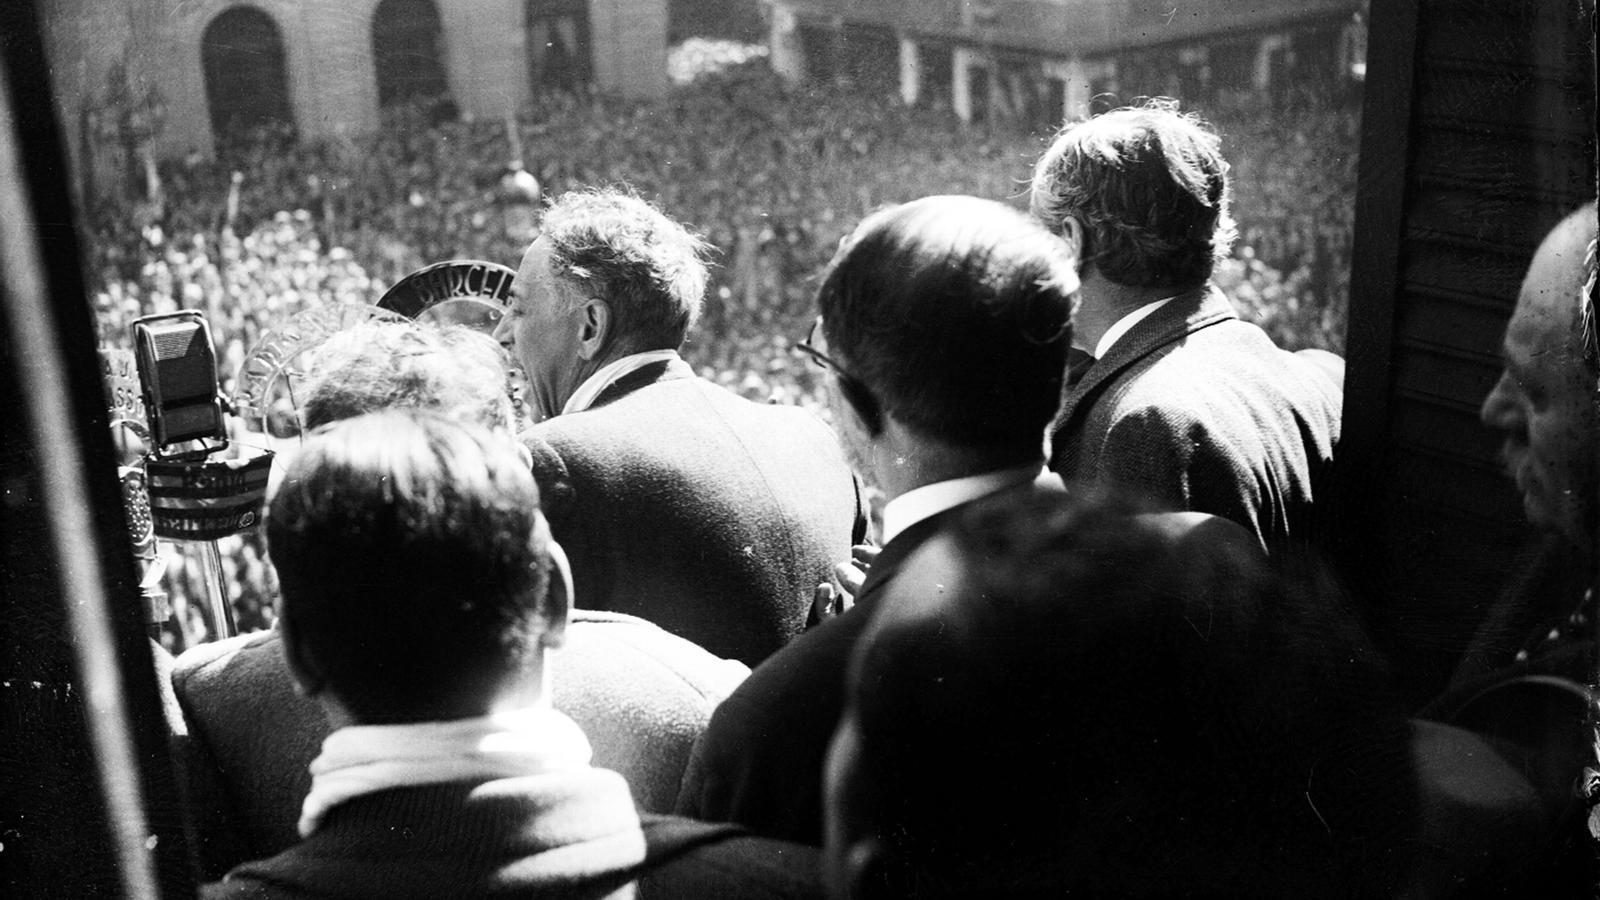 Lluís Companys en arribar a Barcelona amb motiu d'haver estat amnistiat per la victòria electoral del Front Popular el febrer de 1936 / BRAGULÍ (ANC)